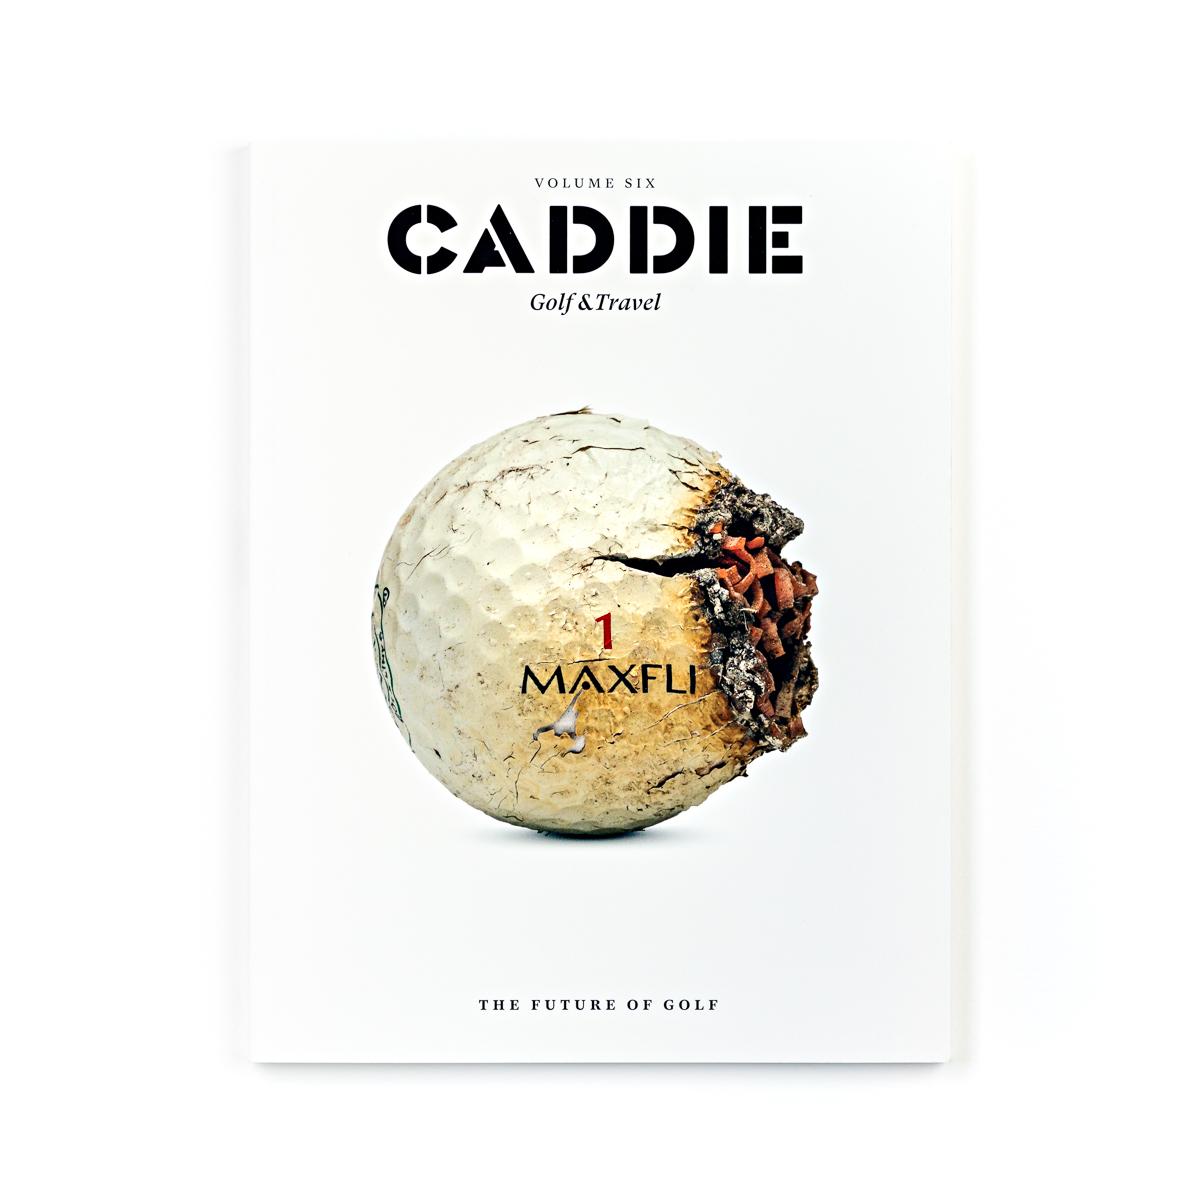 Caddie Magazine - International Golf & Travel Review